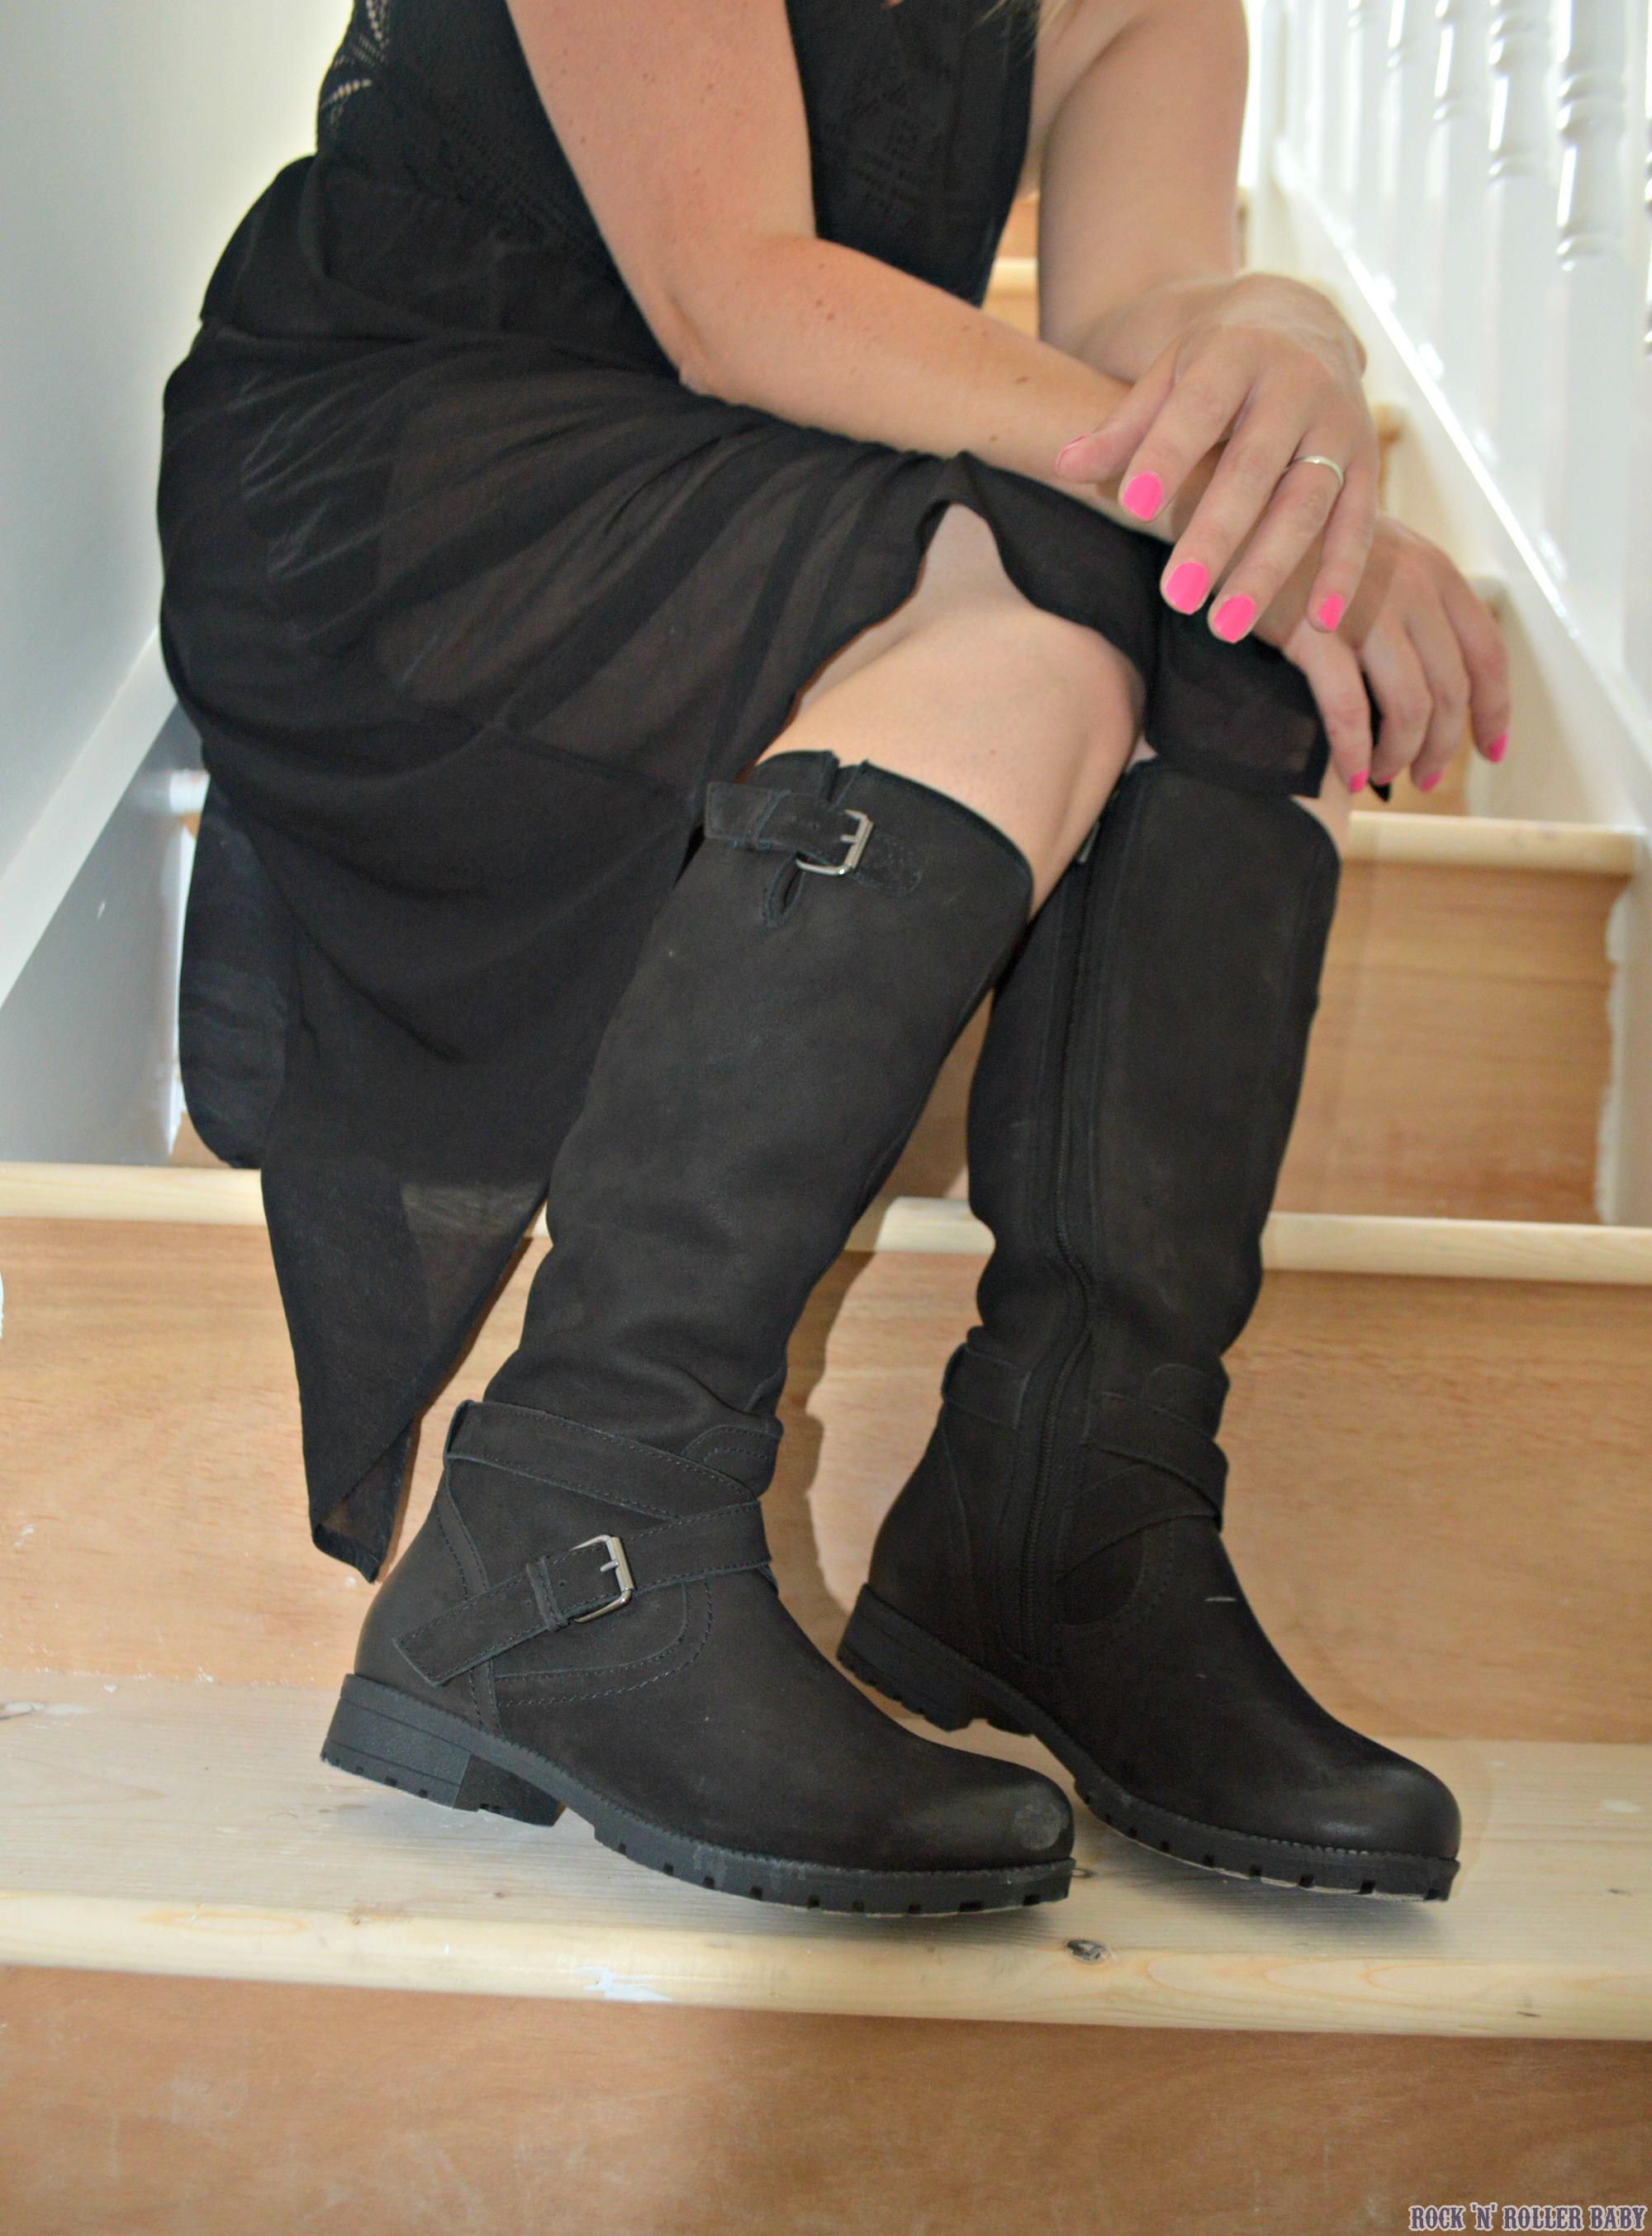 A Hotter Mum - Hotter Shoes!